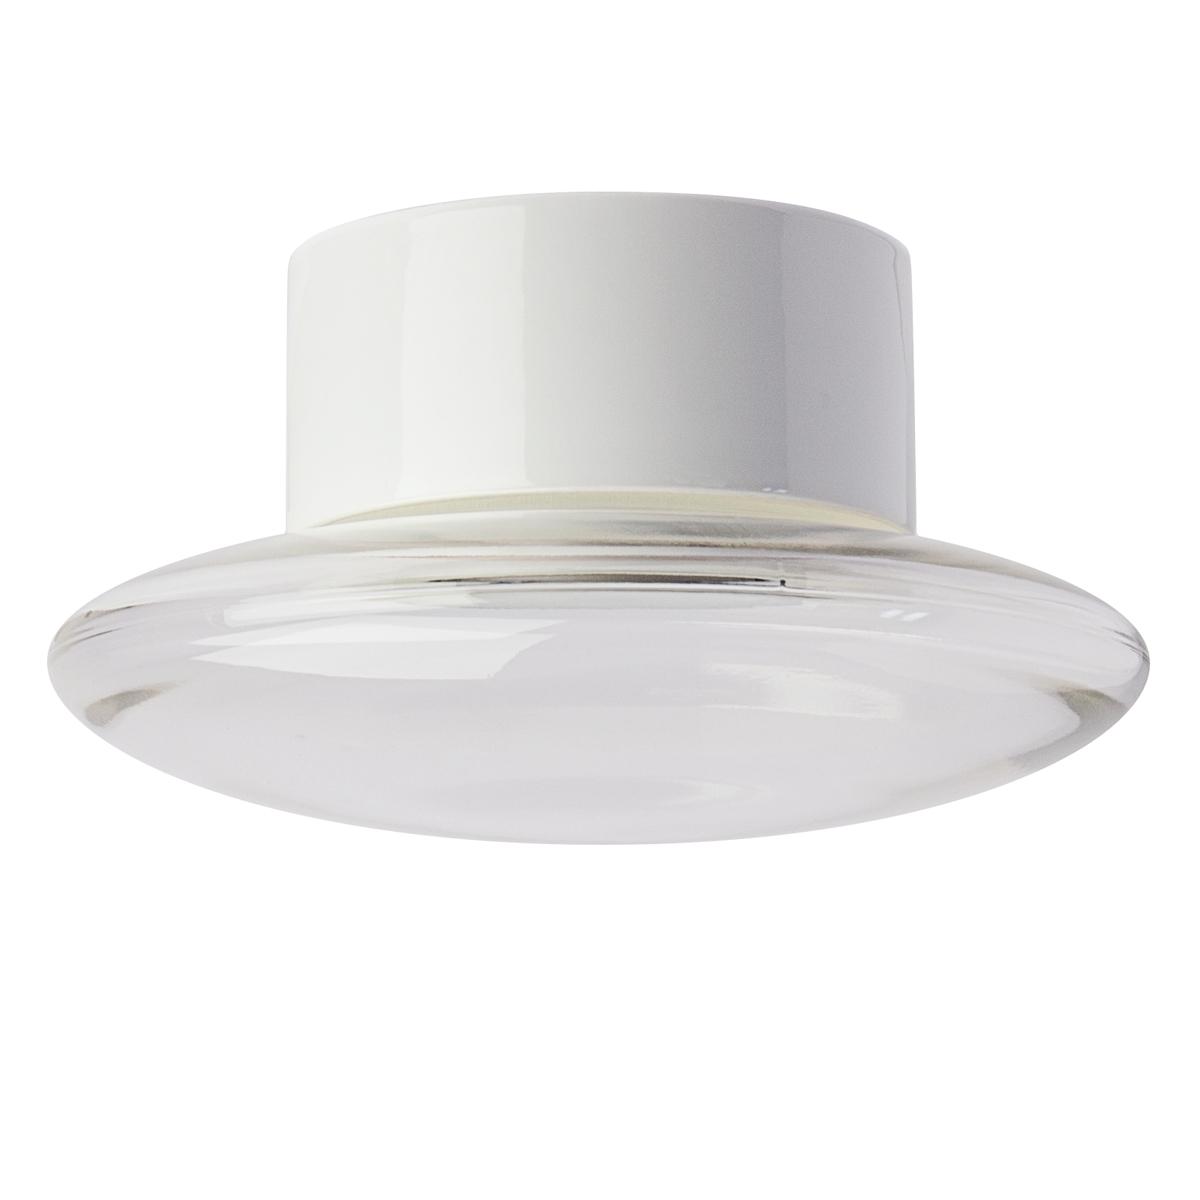 moderne badlampe mit glasschirm an einer keramikhalterung. Black Bedroom Furniture Sets. Home Design Ideas